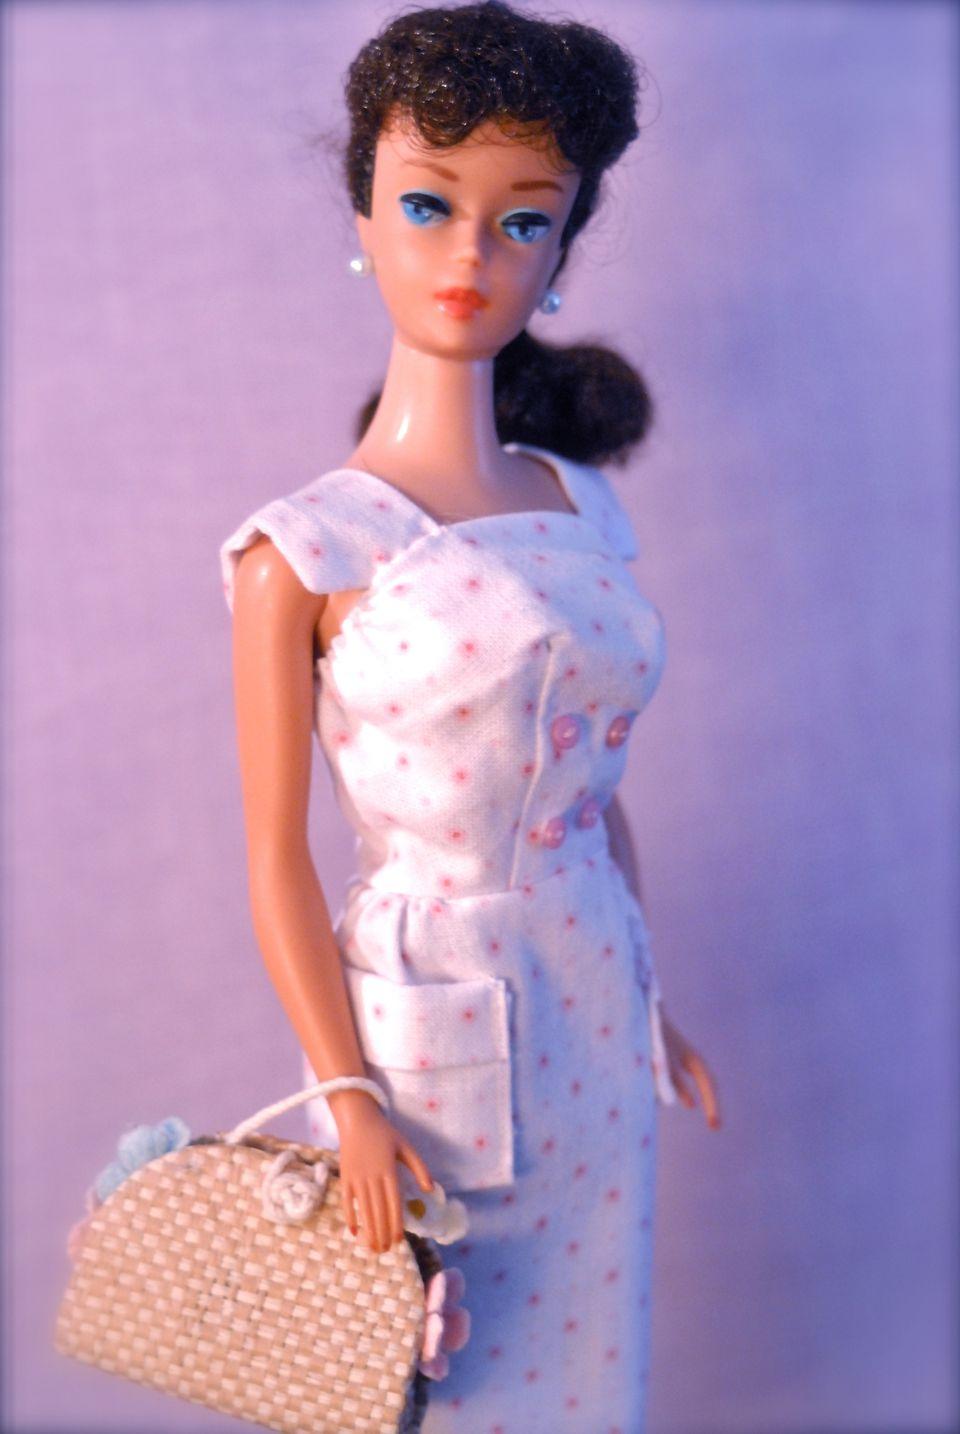 Vintage No. 6 Ponytail - brunette